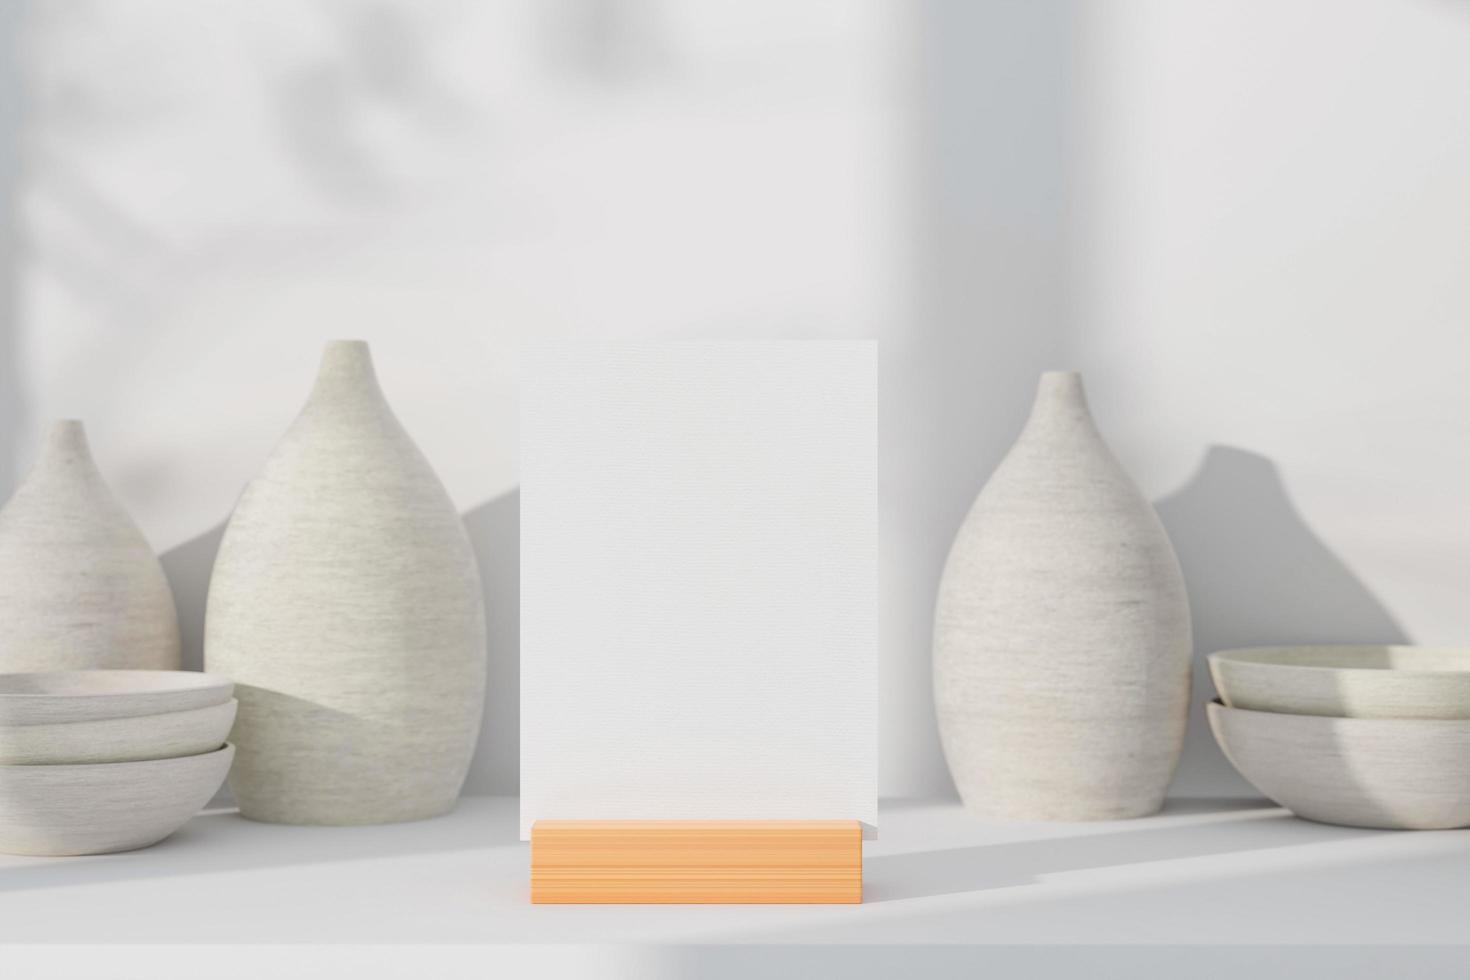 Carte de voeux vide sur support avec des pots en céramique photo